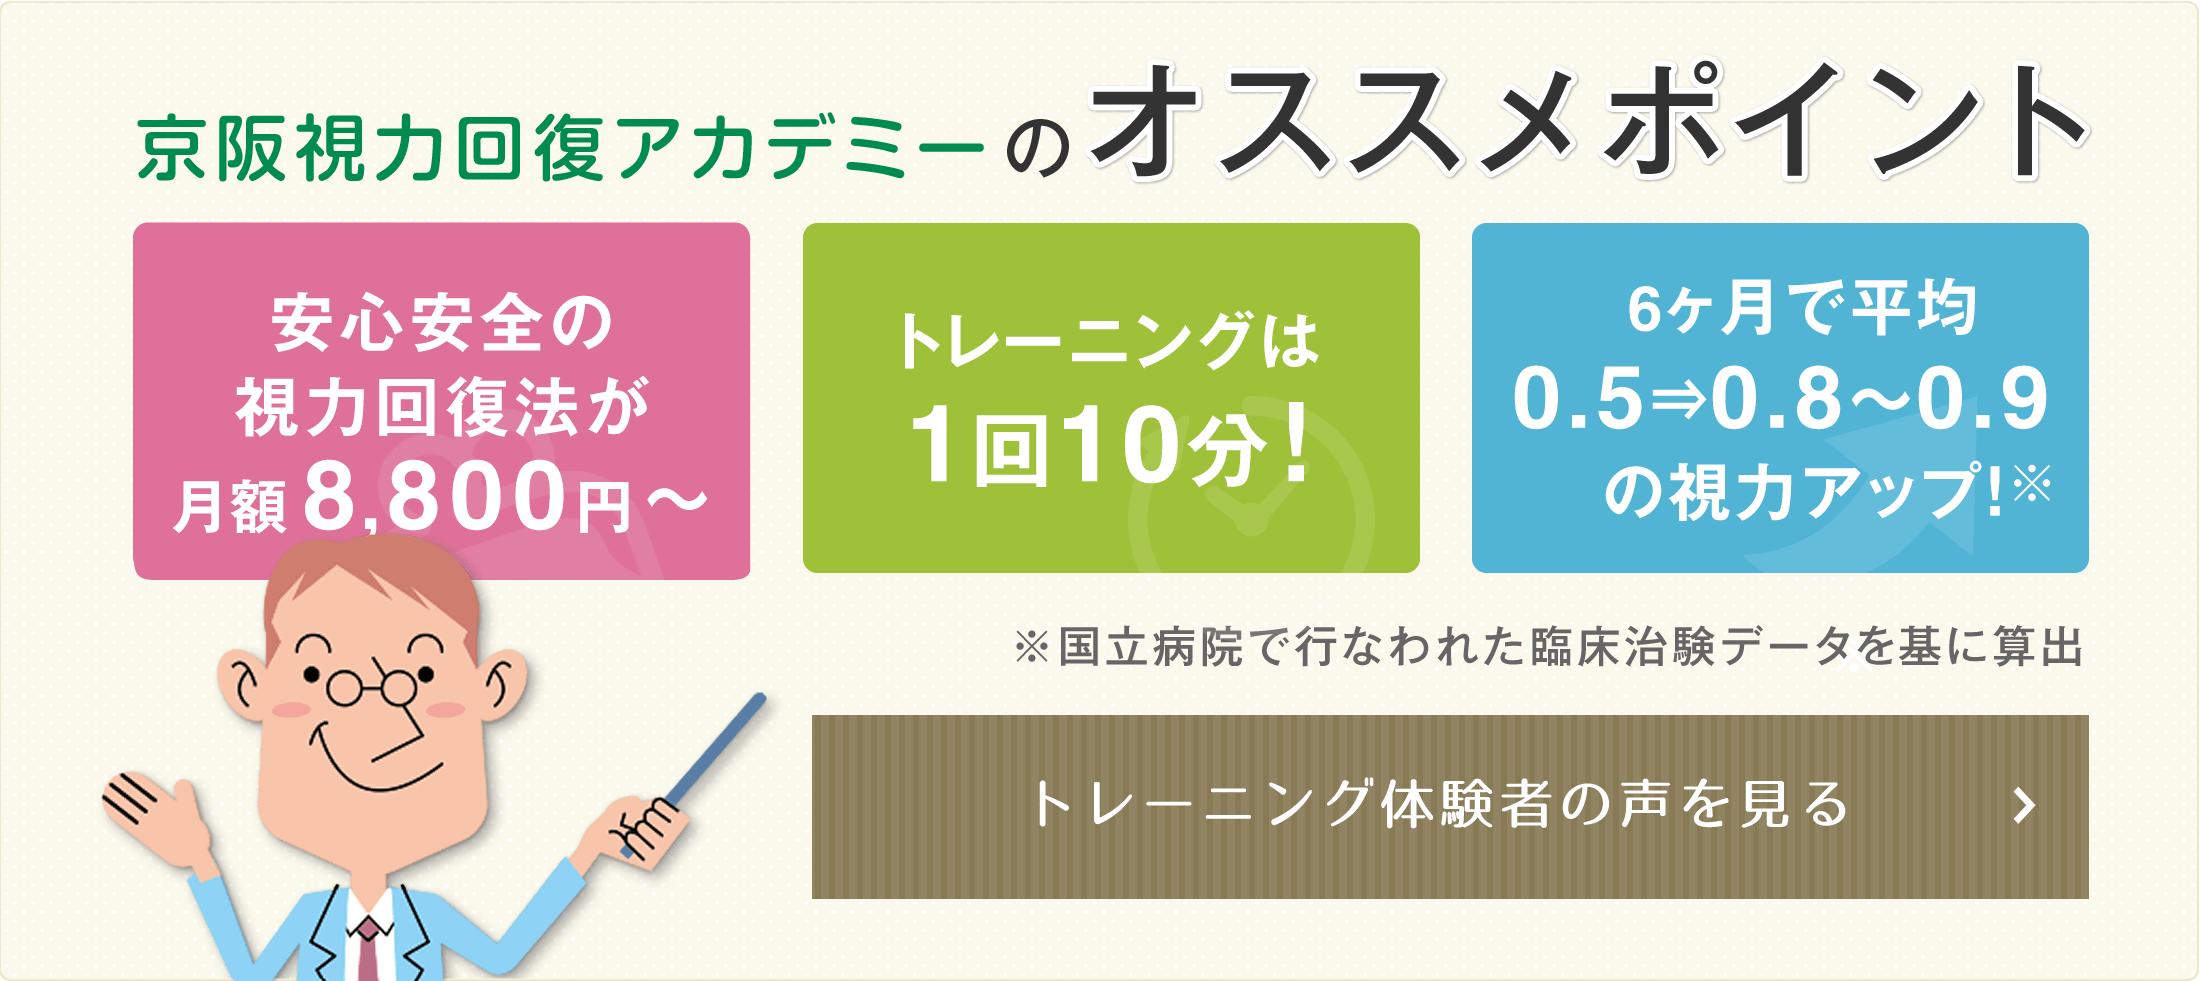 京阪視力回復アカデミーのオススメポイント 月額8,640円 トレーニングは1回10分 視力アップ トレーニング体験者の声を見るグ